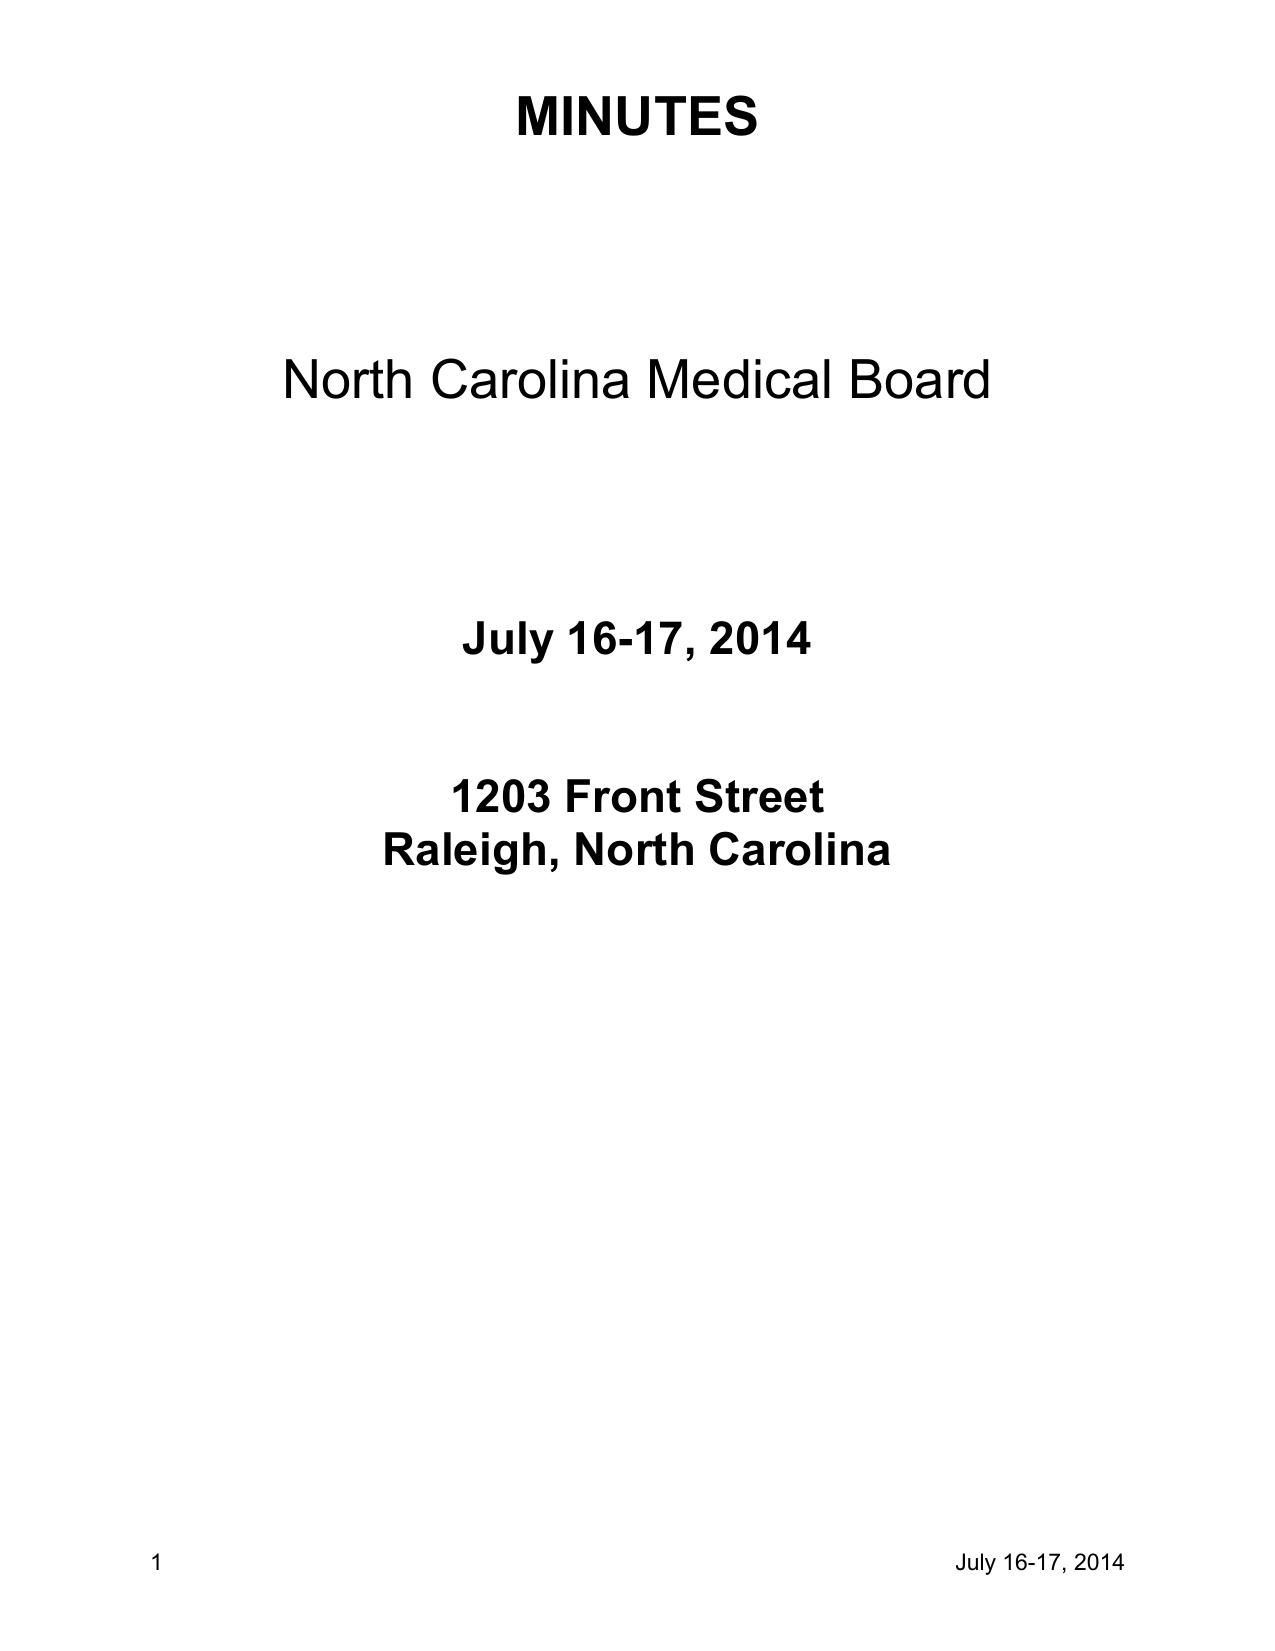 Minutes north carolina medical board 1betcityfo Images